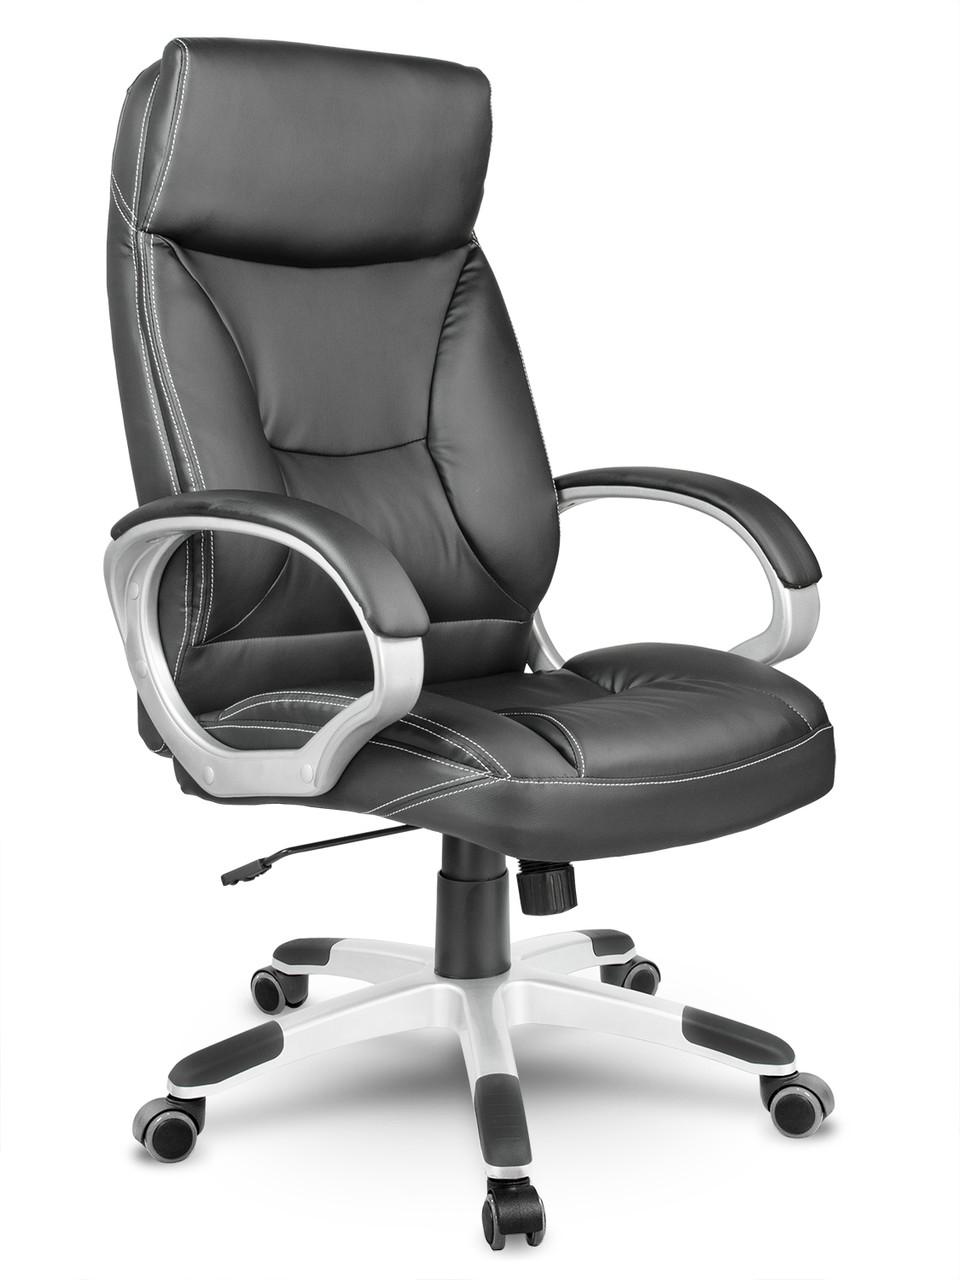 Кресло стул офисный кожаный Sofotel EG-223 черный